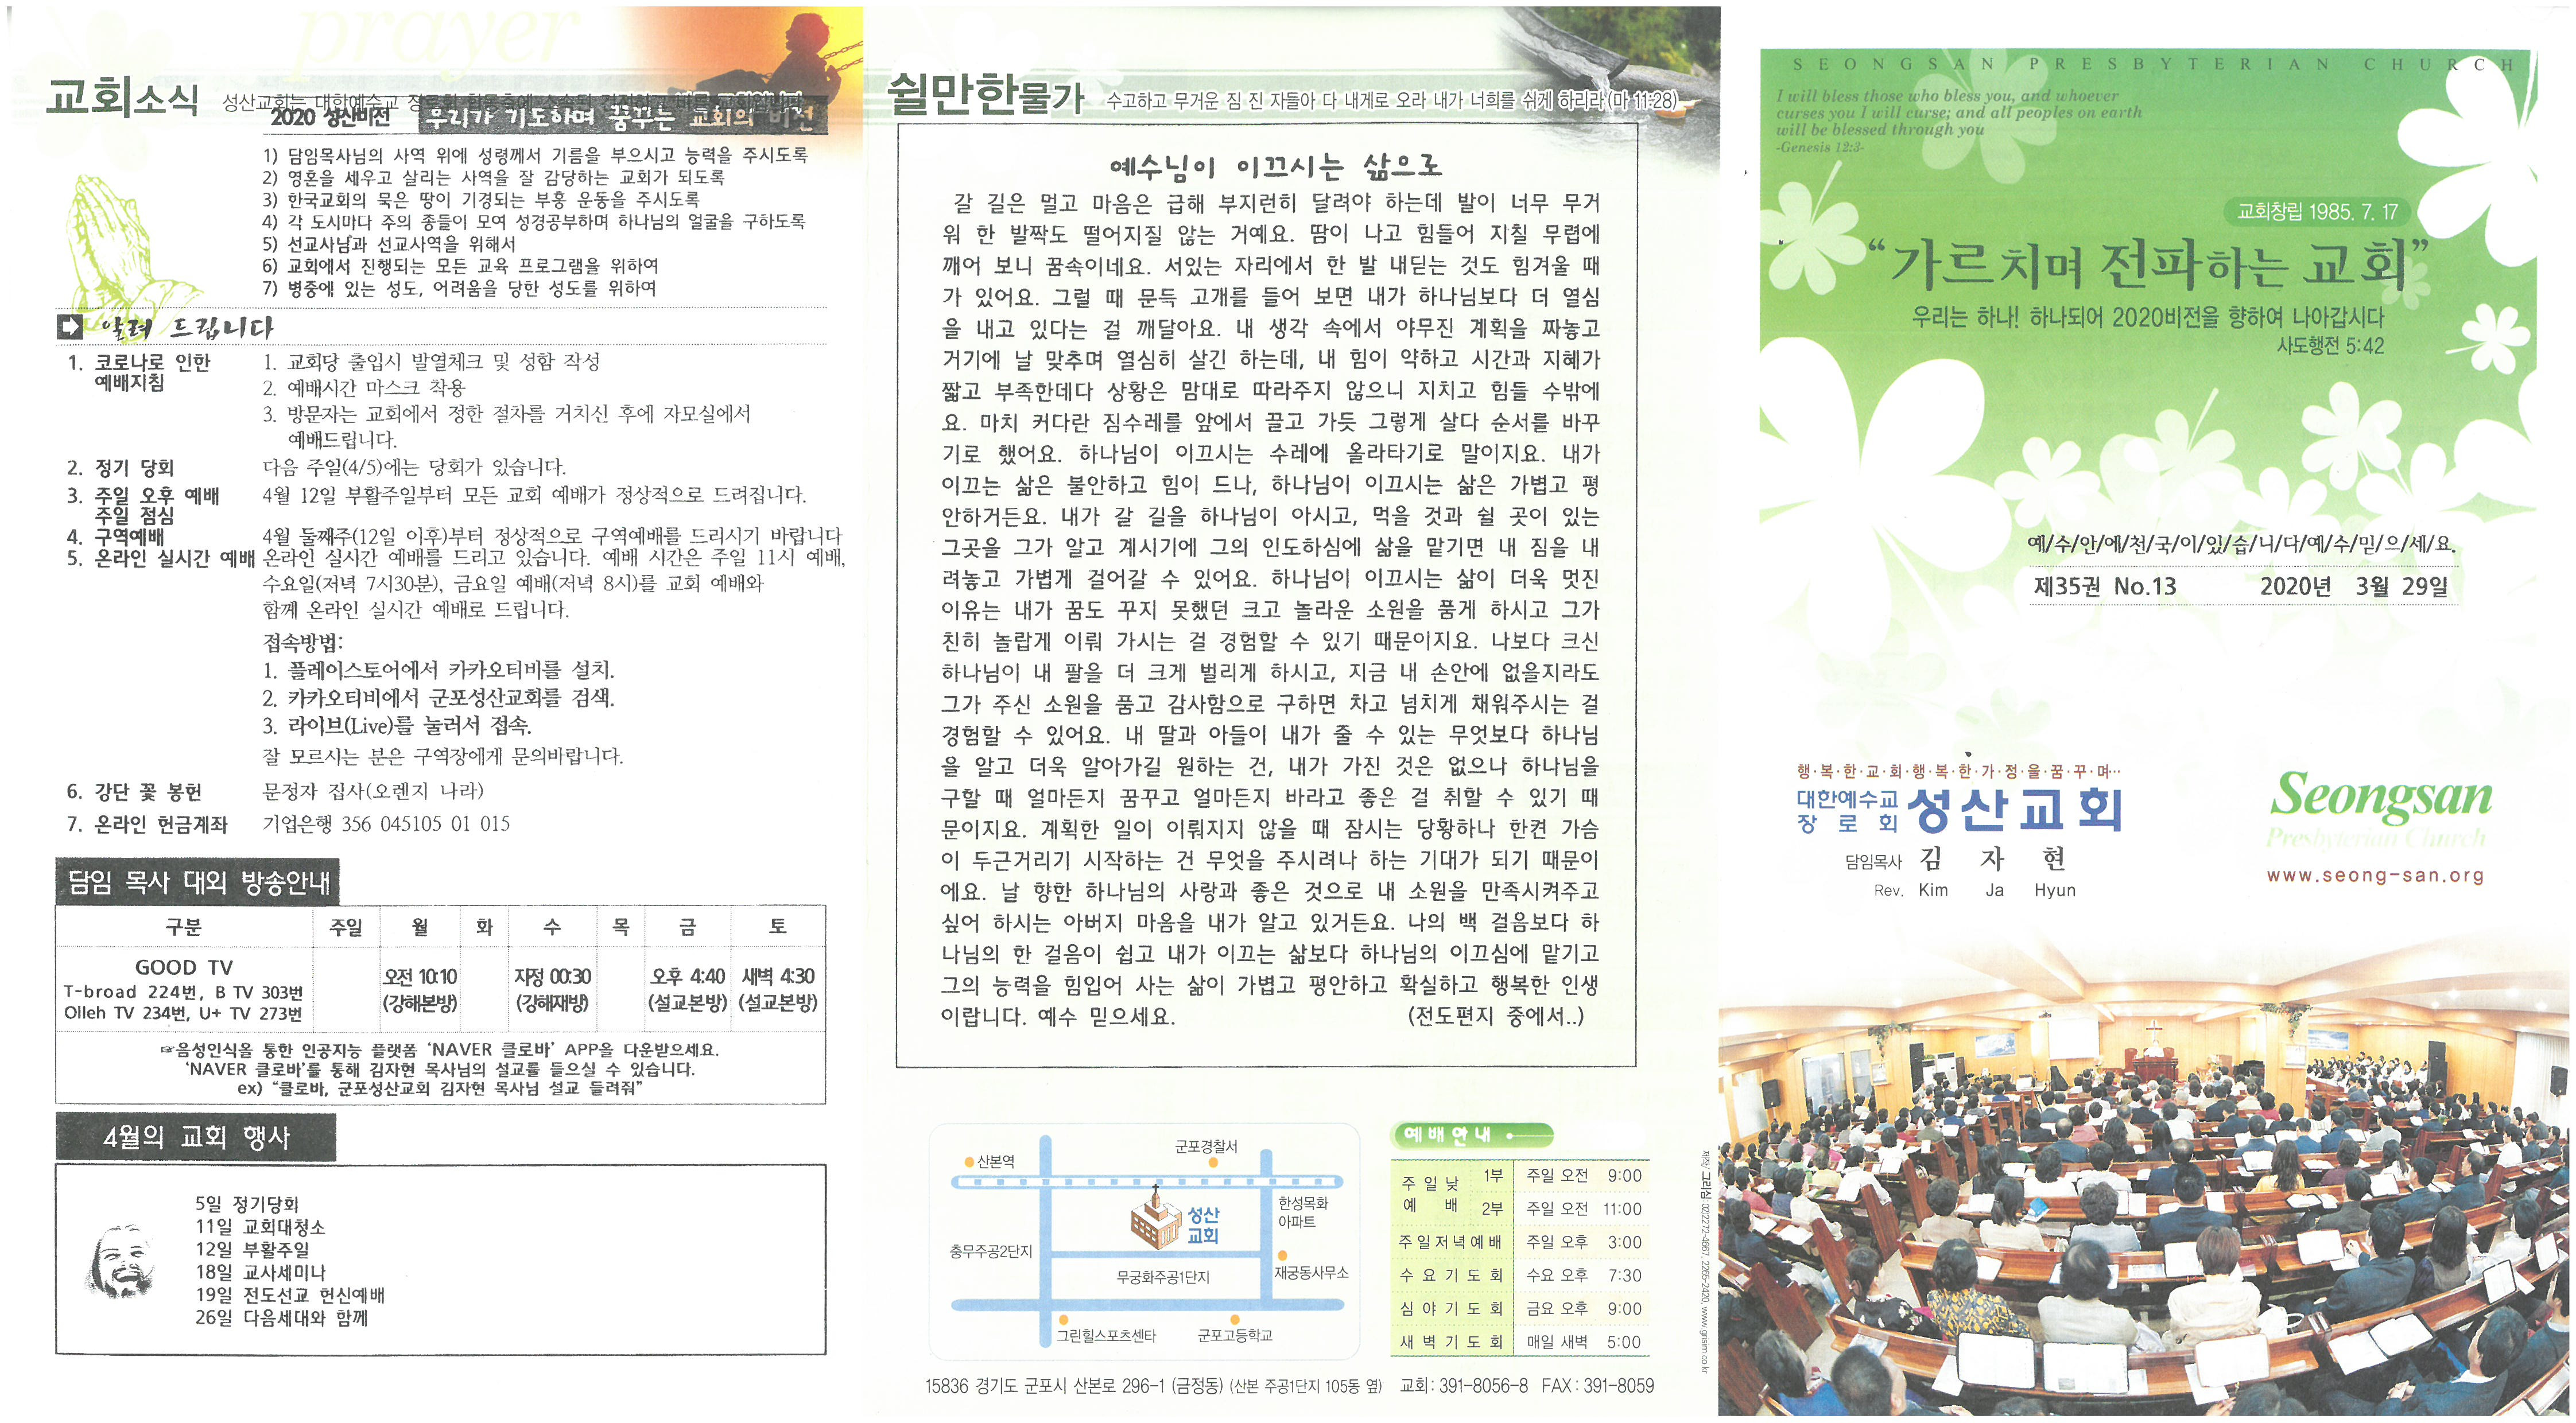 S22C-6e20032817100_0001.jpg